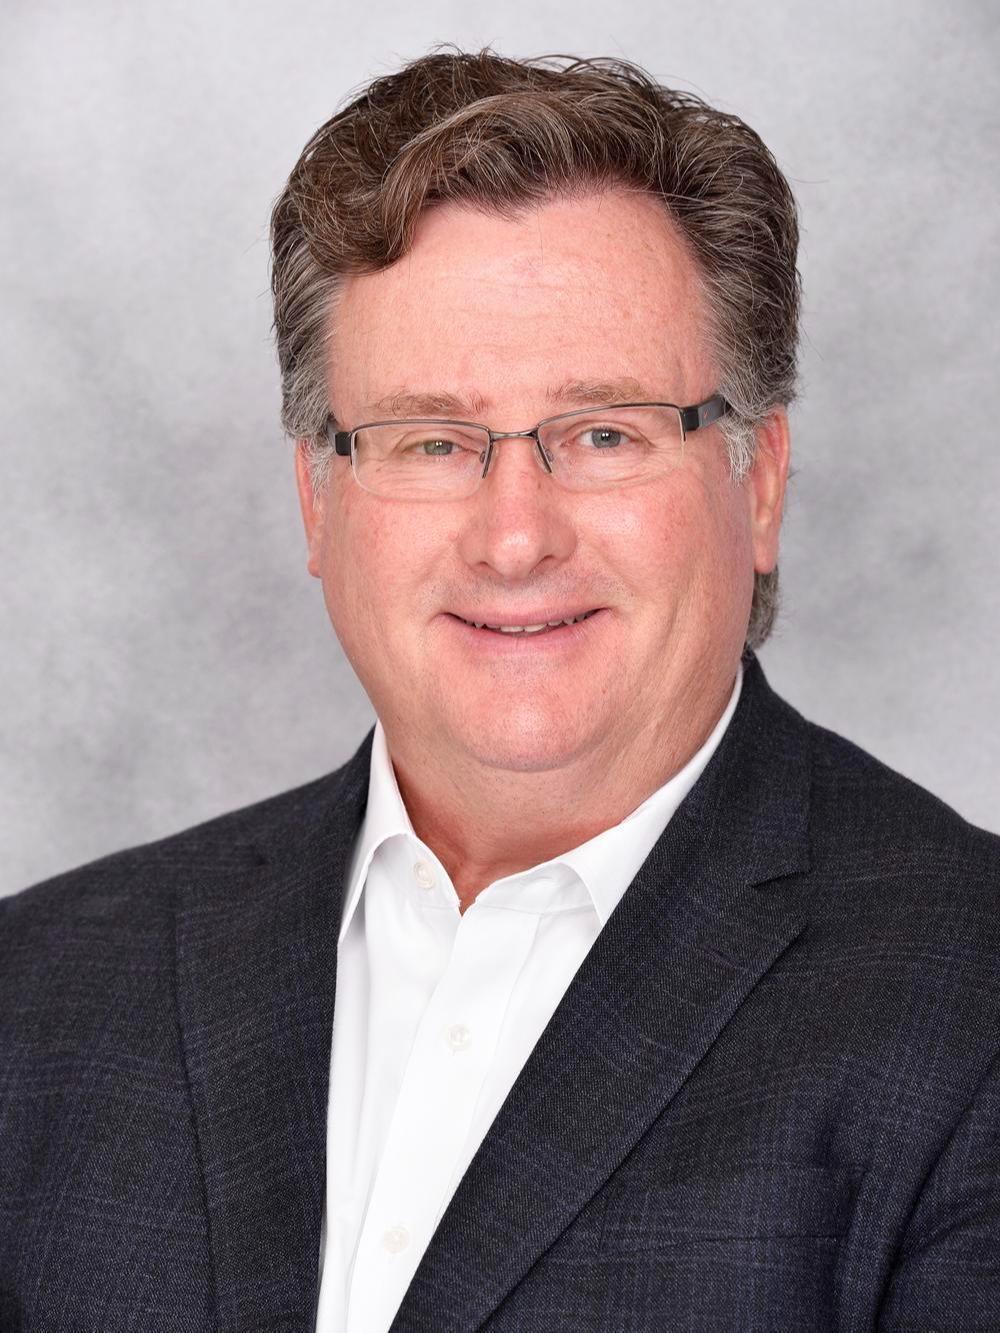 John V. Biedenstein, AIF®, CPA Photo